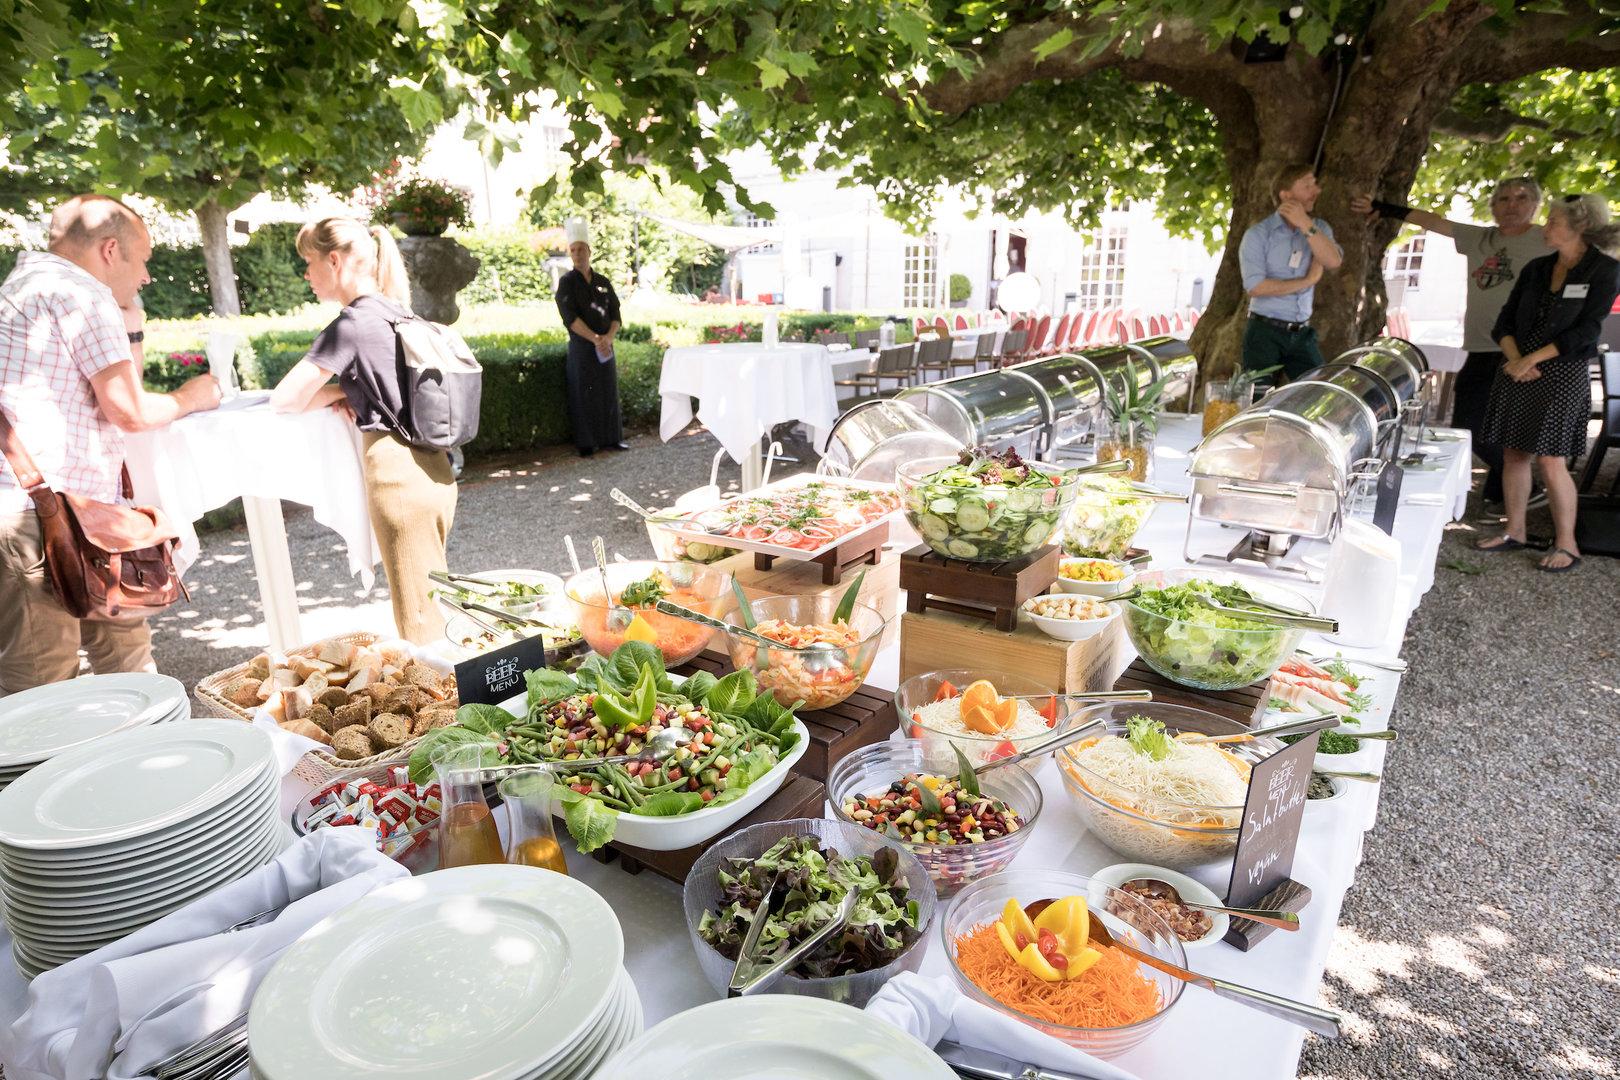 Beim reichhaltigen und schmackhaften Buffet fand jeder was Leckeres; auch Vegetarier*innen und Veganer*innen kamen voll auf ihre Kosten.